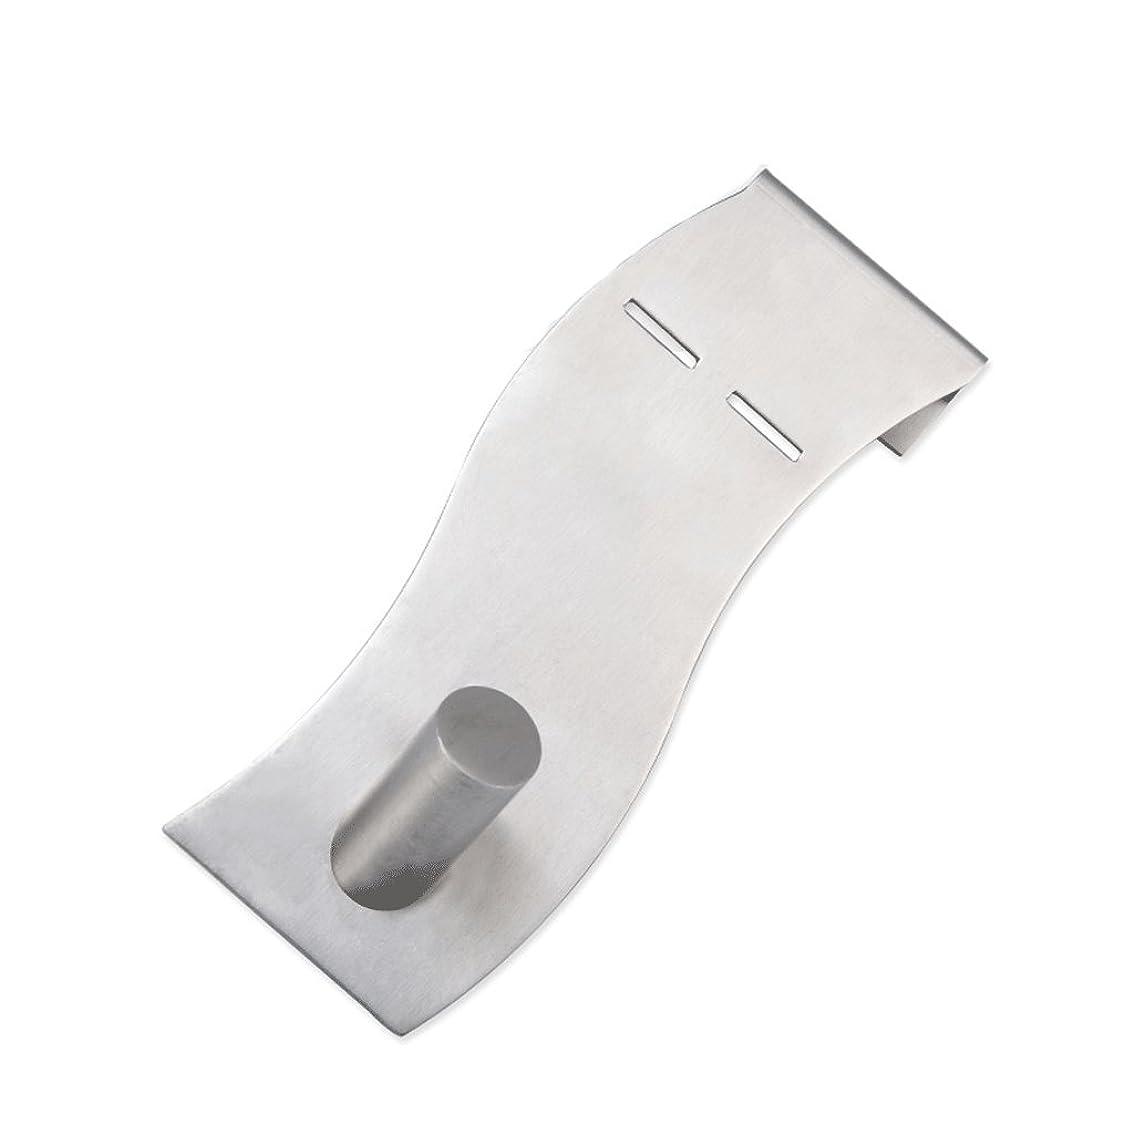 失望デコードする上昇Lszdp-store ステンレス鋼フックキッチンドアハンガー強力な耐荷重シングルフック浴室リビングルーム釘なし ハンガータオル掛け